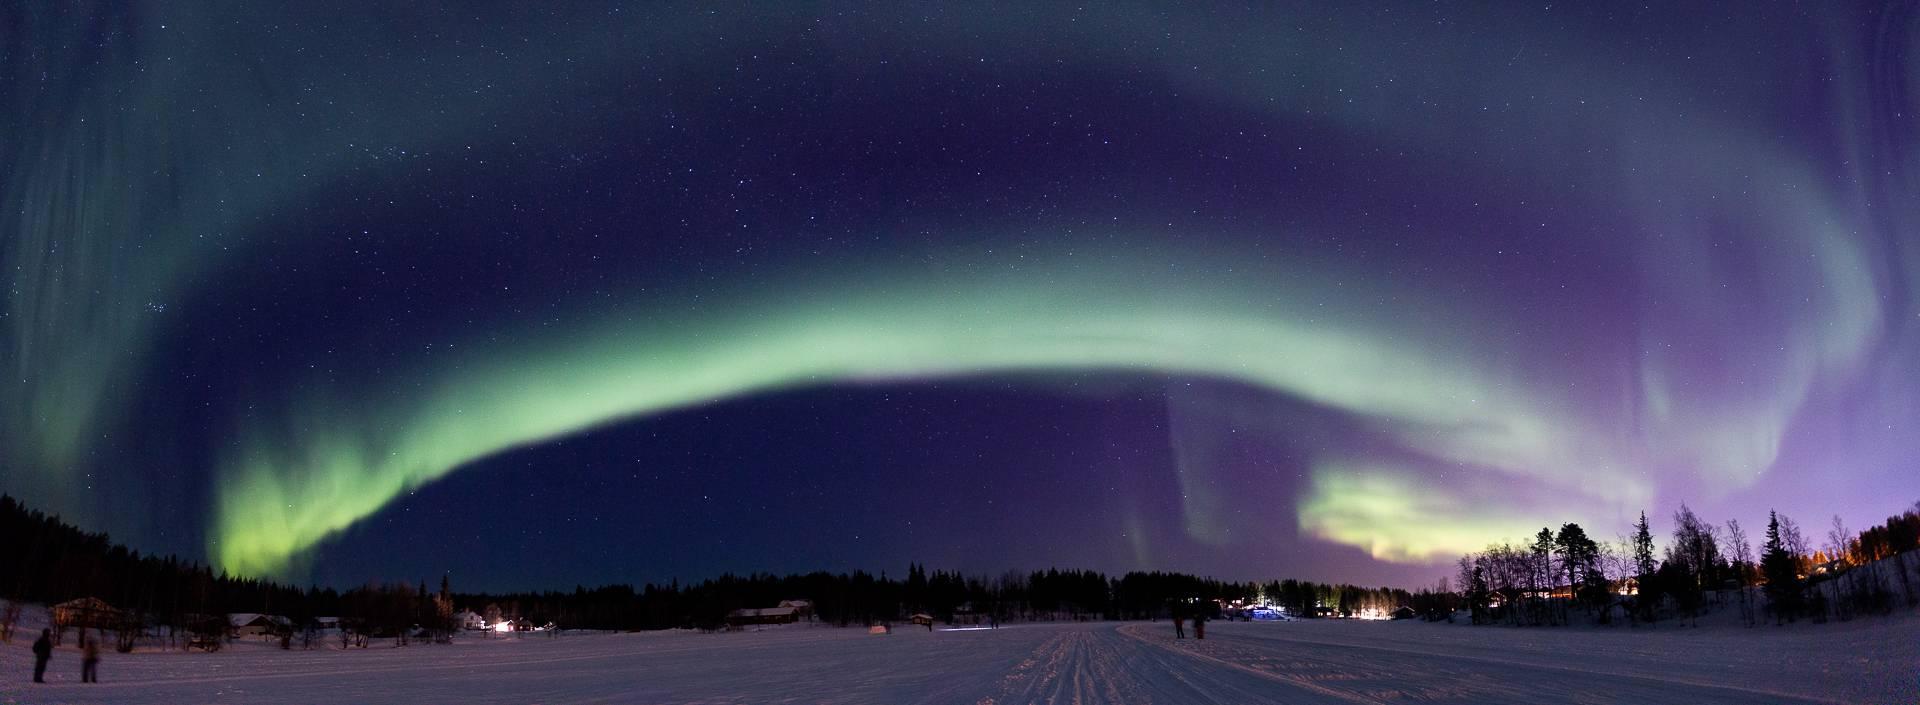 In Finnland haben wir ein besonders schönes Beispiel einer Lichtglocke fotografiert. Selbst der kleine Ort Levi erzeugt in der Nacht eine enorme Menge an Licht.